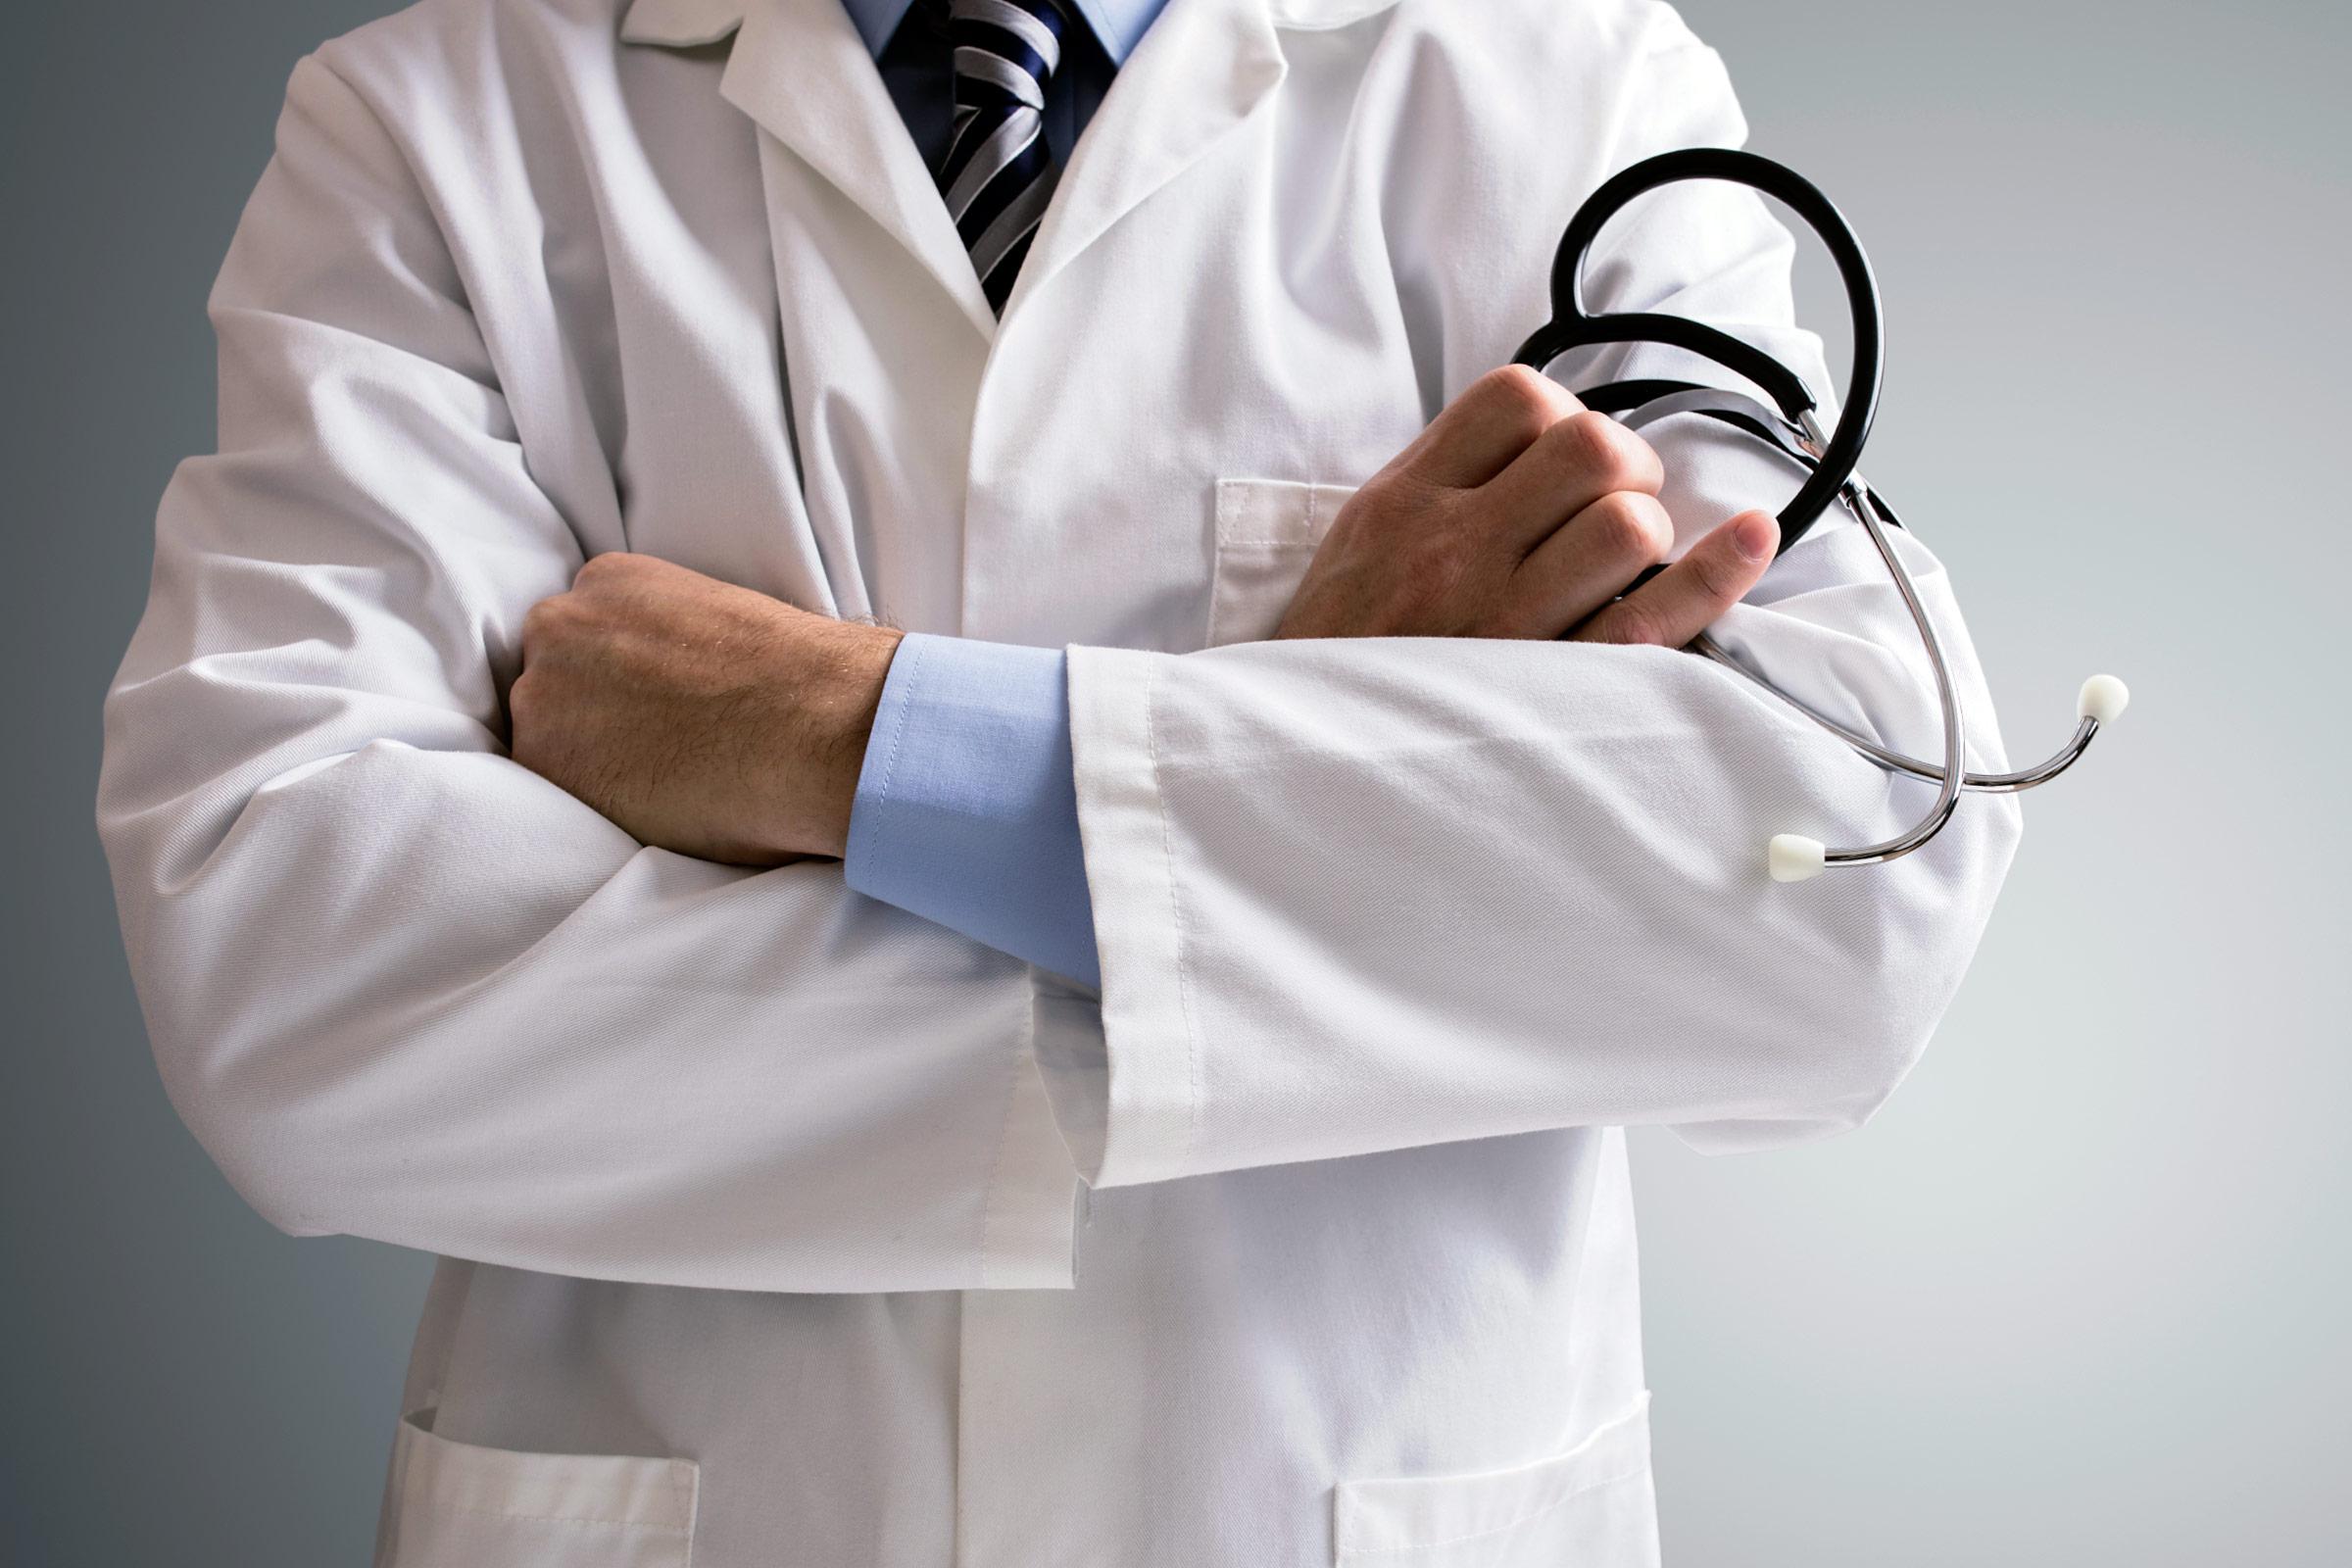 03-secrets-doctors-wont-tell-doc